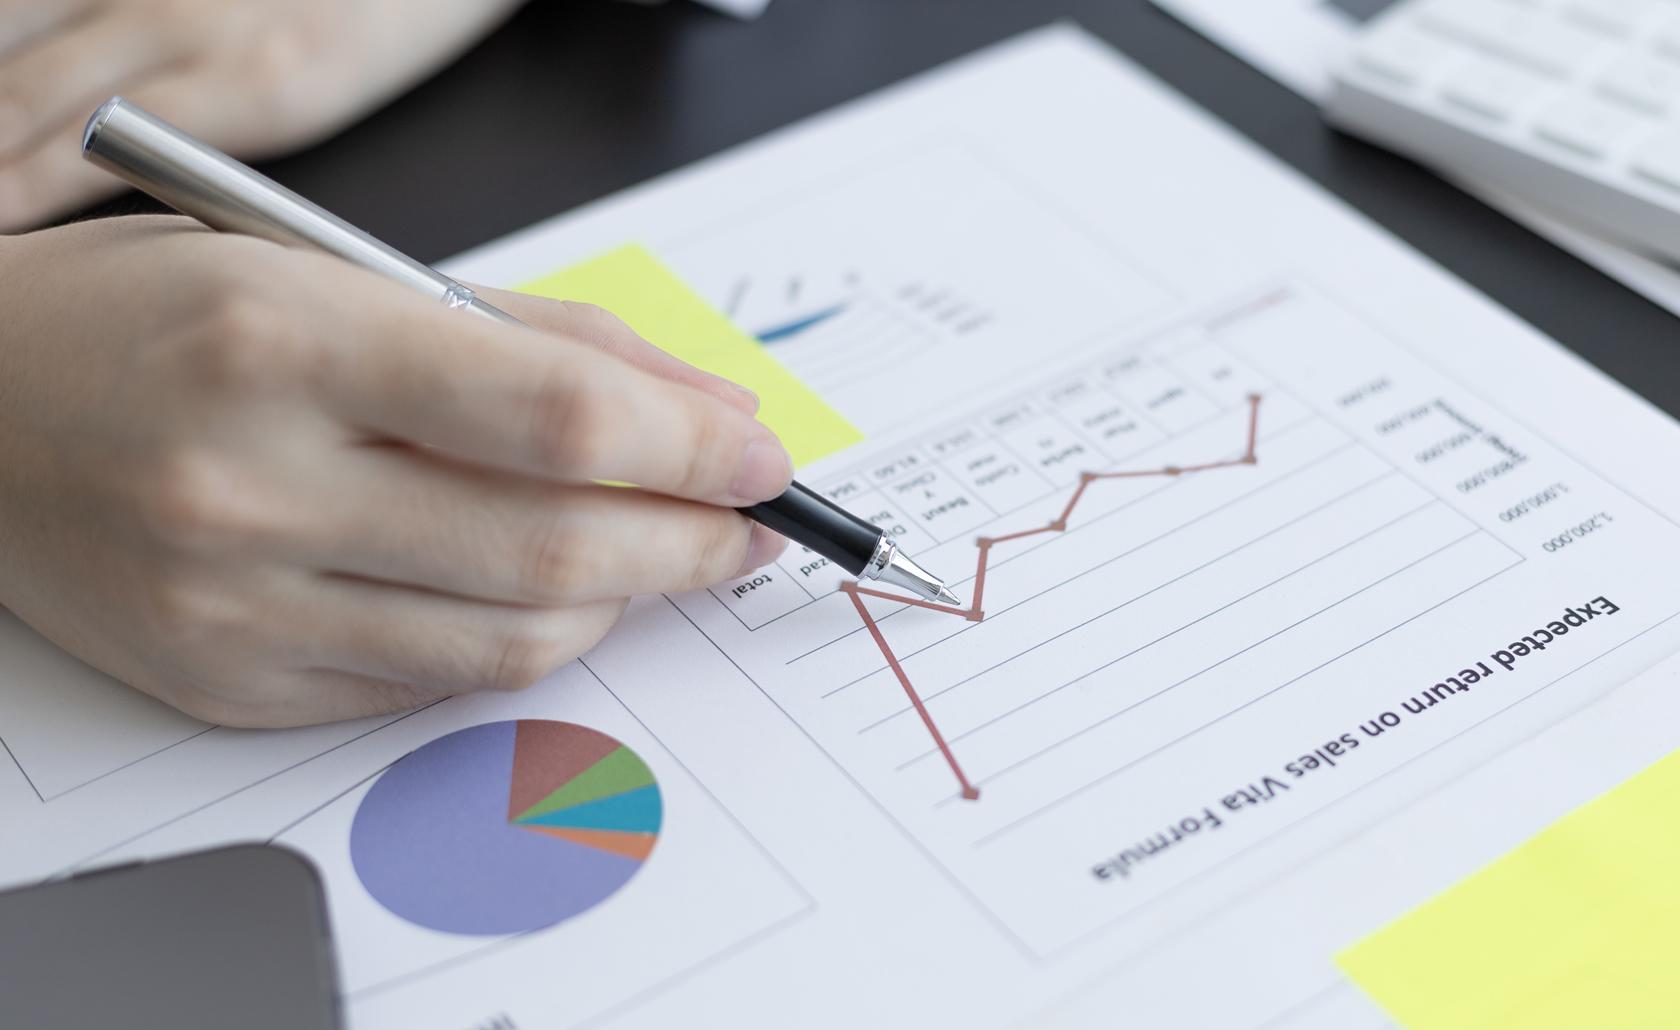 統計学入門!統計学の概略とできること・詳しく学ぶためのおすすめ本